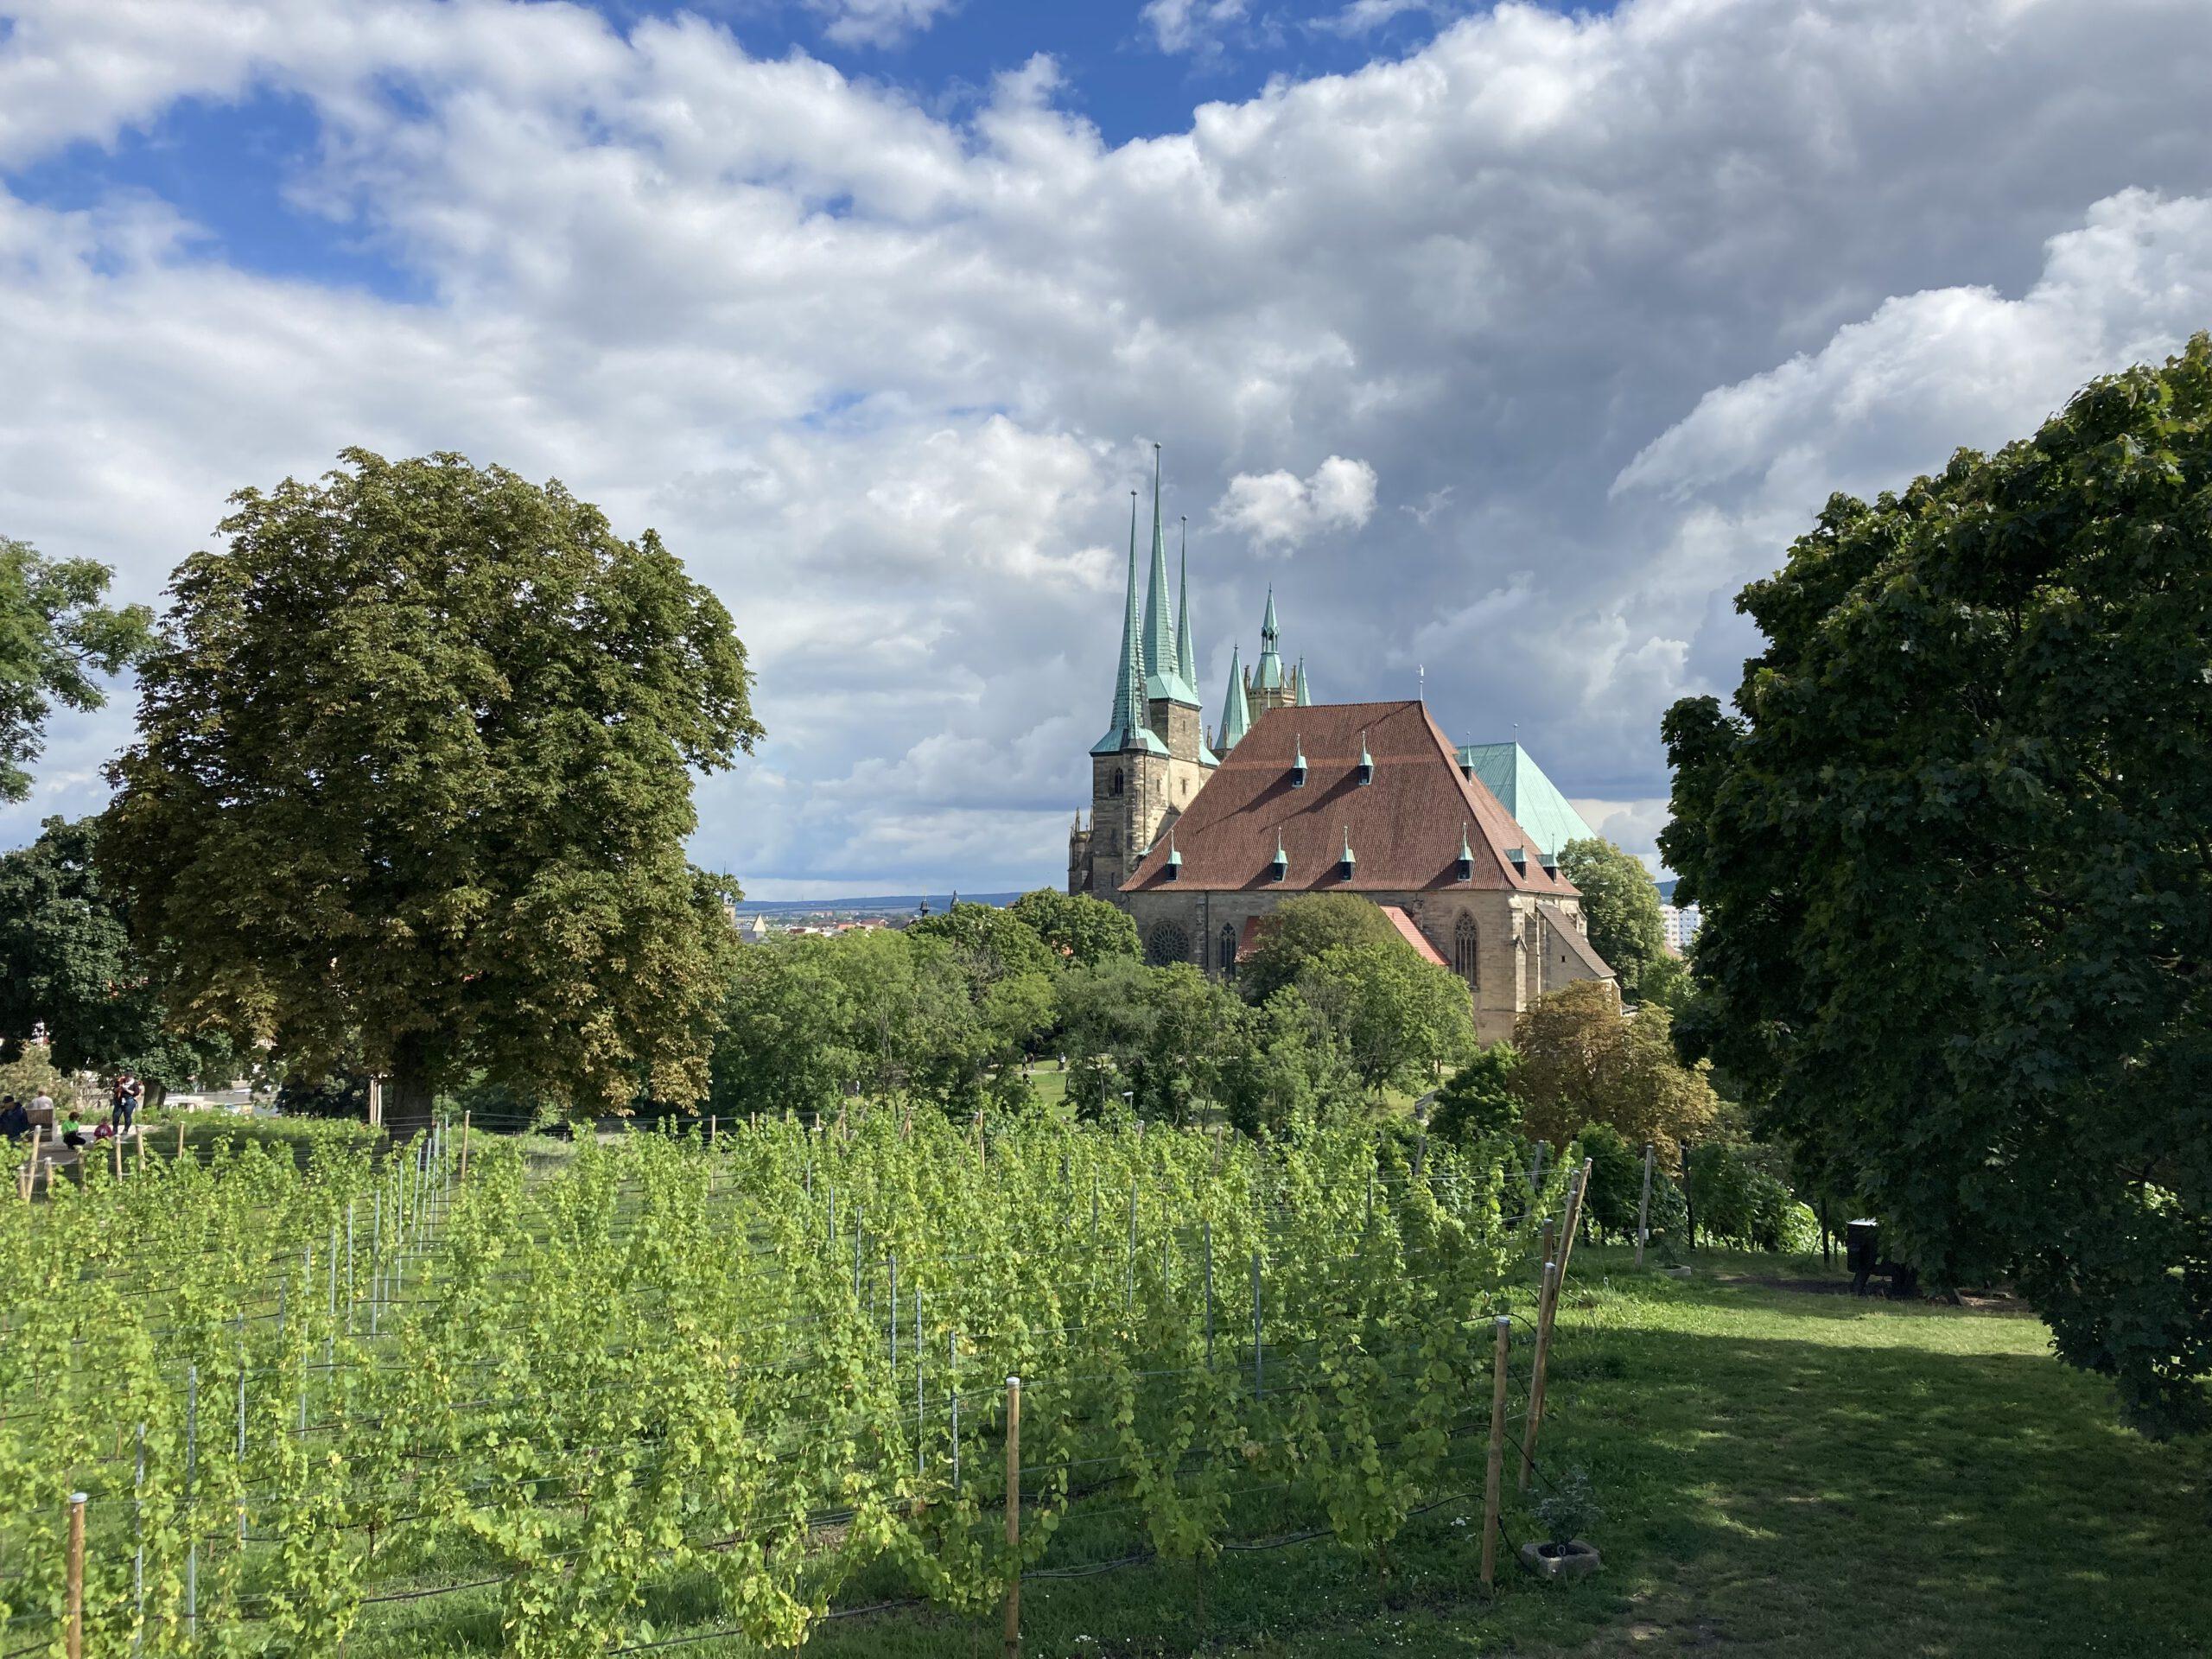 Petersberg in Erfurt mit dem Blick auf die St. Severi Kirche und den Erfurter Dom im Hintergrund